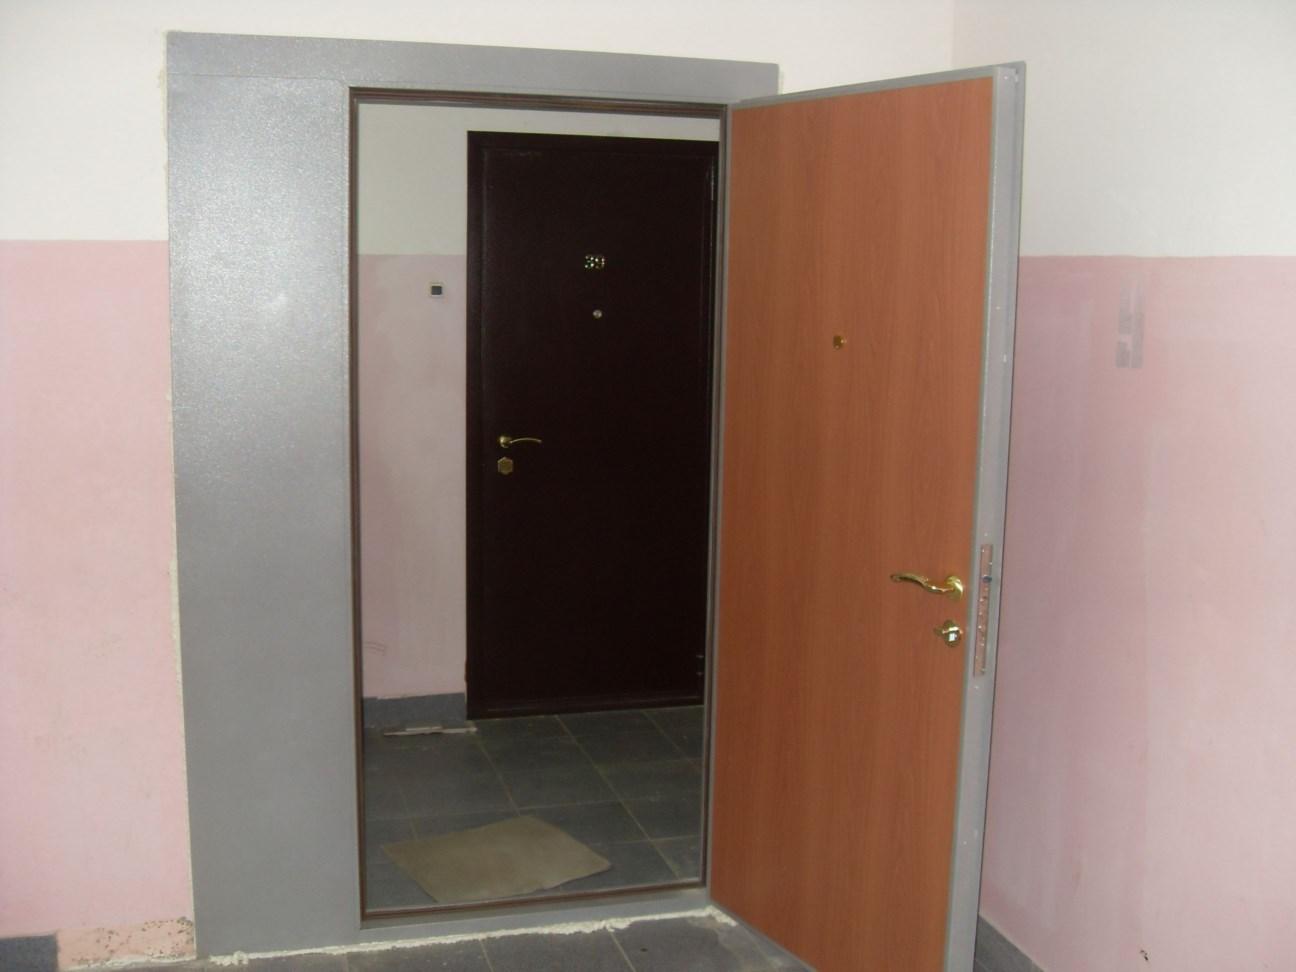 Фото дверей в тамбур подъезда